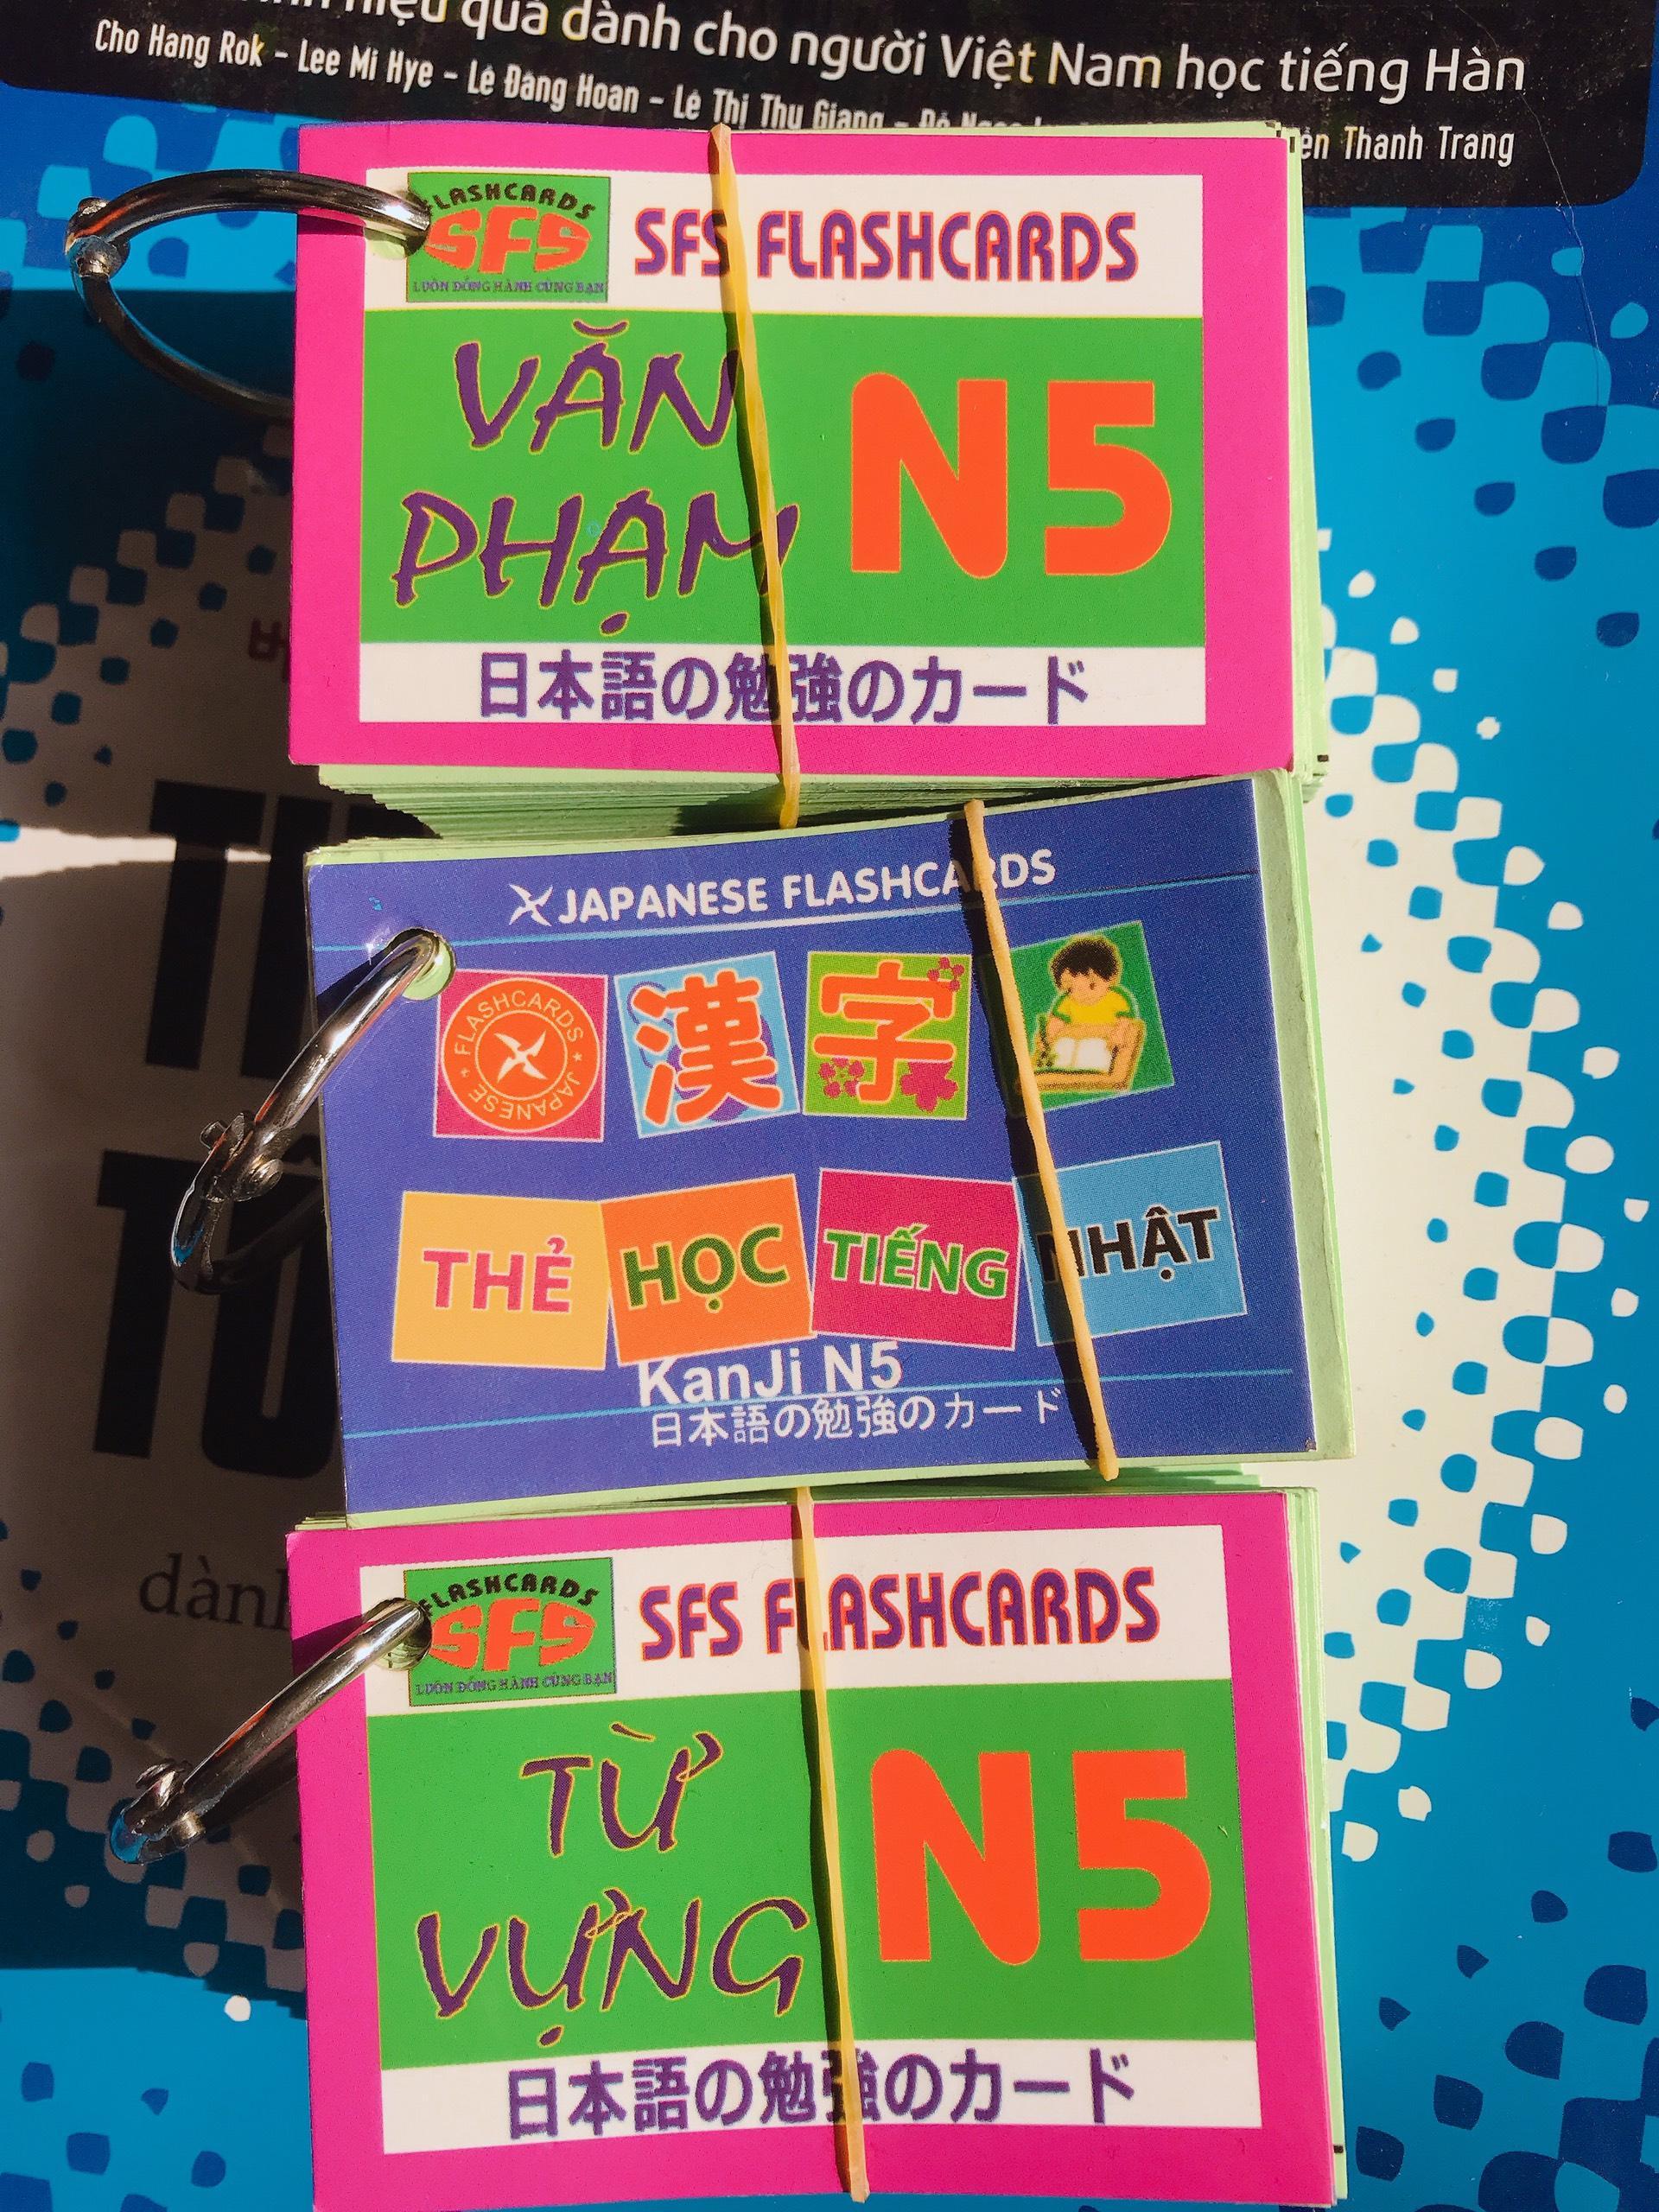 TRỌN BỘ FLADCARD  N5 Thẻ Học Tiếng Nhật N5 Trọn Bộ -3 Xấp ( Kanji, Từ Vựng , Ngữ Pháp) Khuyến Mãi Sốc